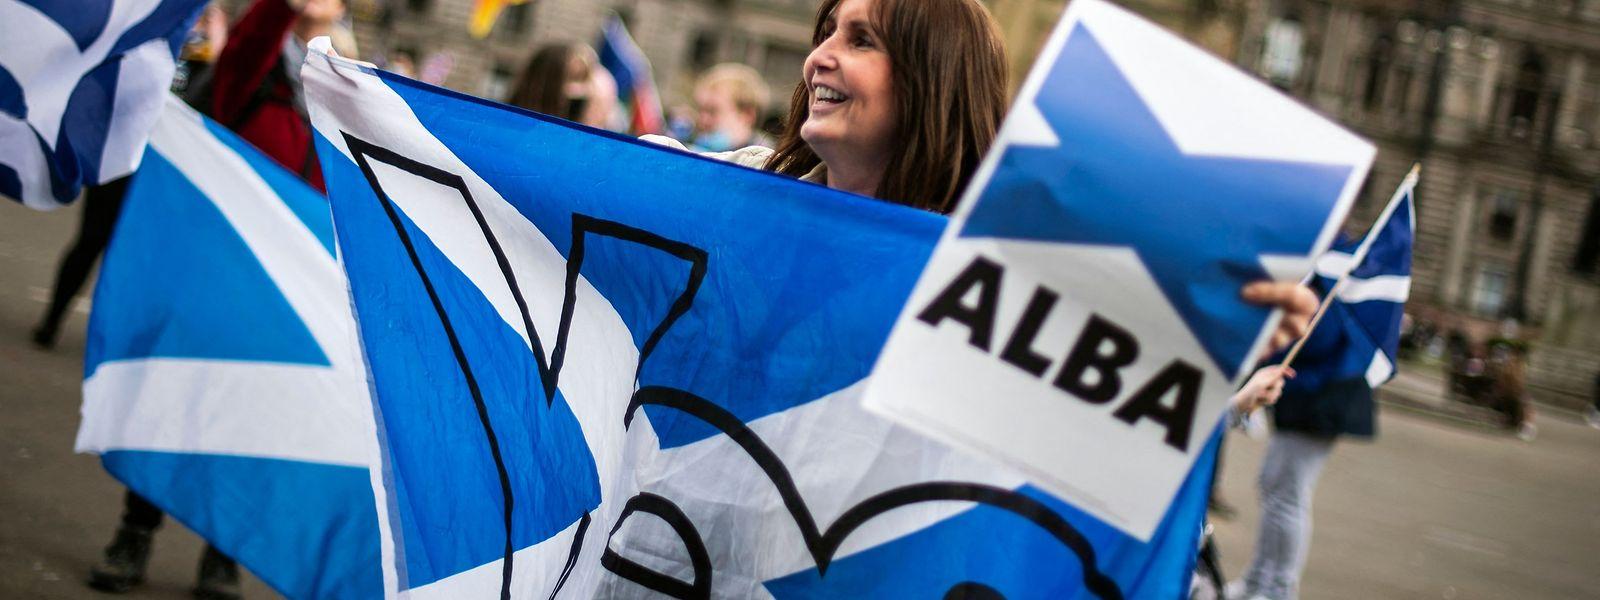 Die Wahl zum schottischen Parlament gilt als Stimmungstest für die Unabhängigkeit. Hier demonstrieren Anhänger der neu gegründeten Partei Alba (der gälische Name für Schottland) in Edinburgh.